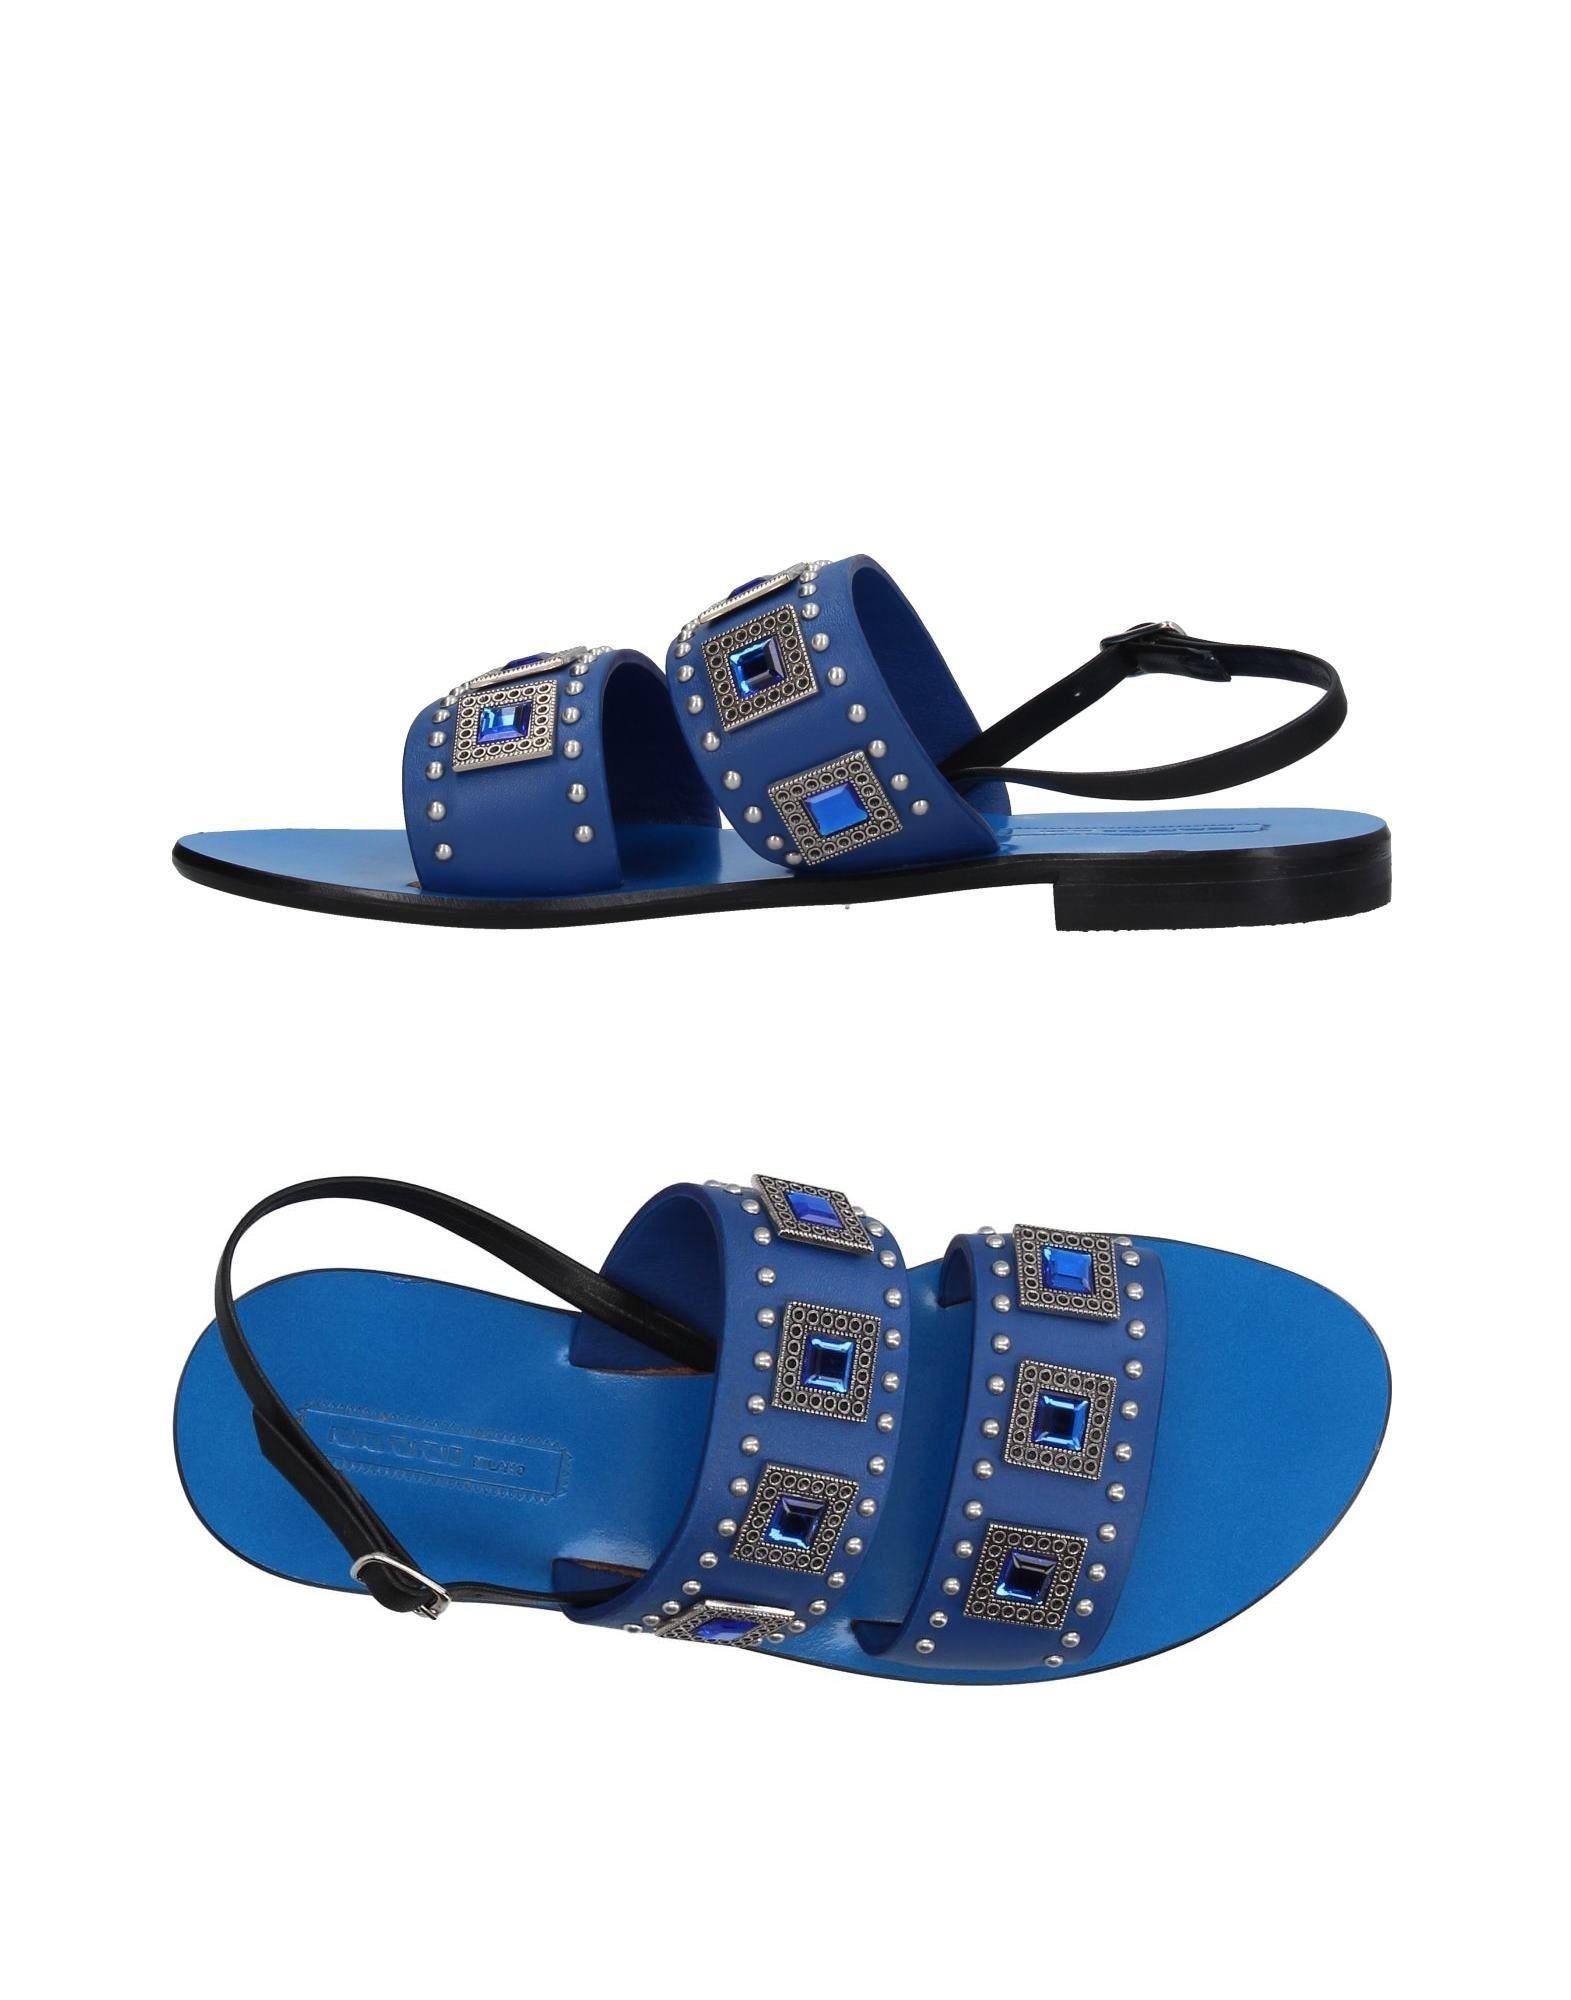 Nanni Sandalen Damen 11358253LX  11358253LX Damen Gute Qualität beliebte Schuhe d419ed